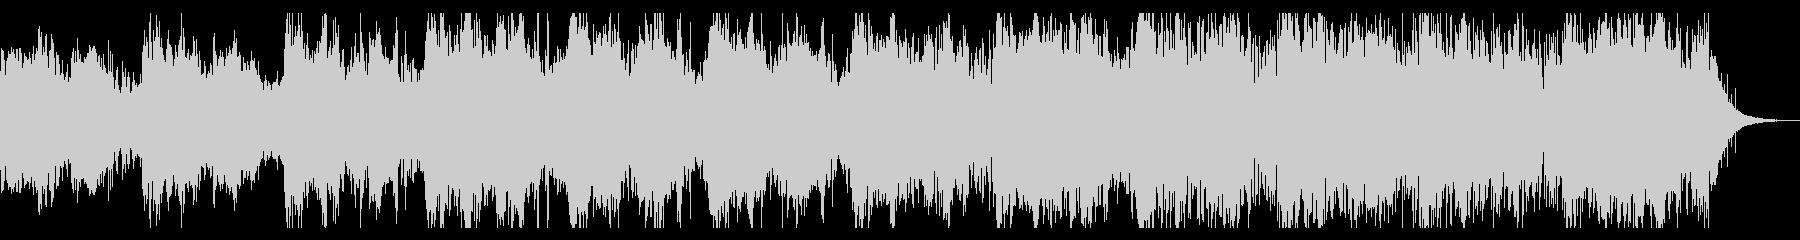 ダークでノイジーなテクスチャIDMの未再生の波形